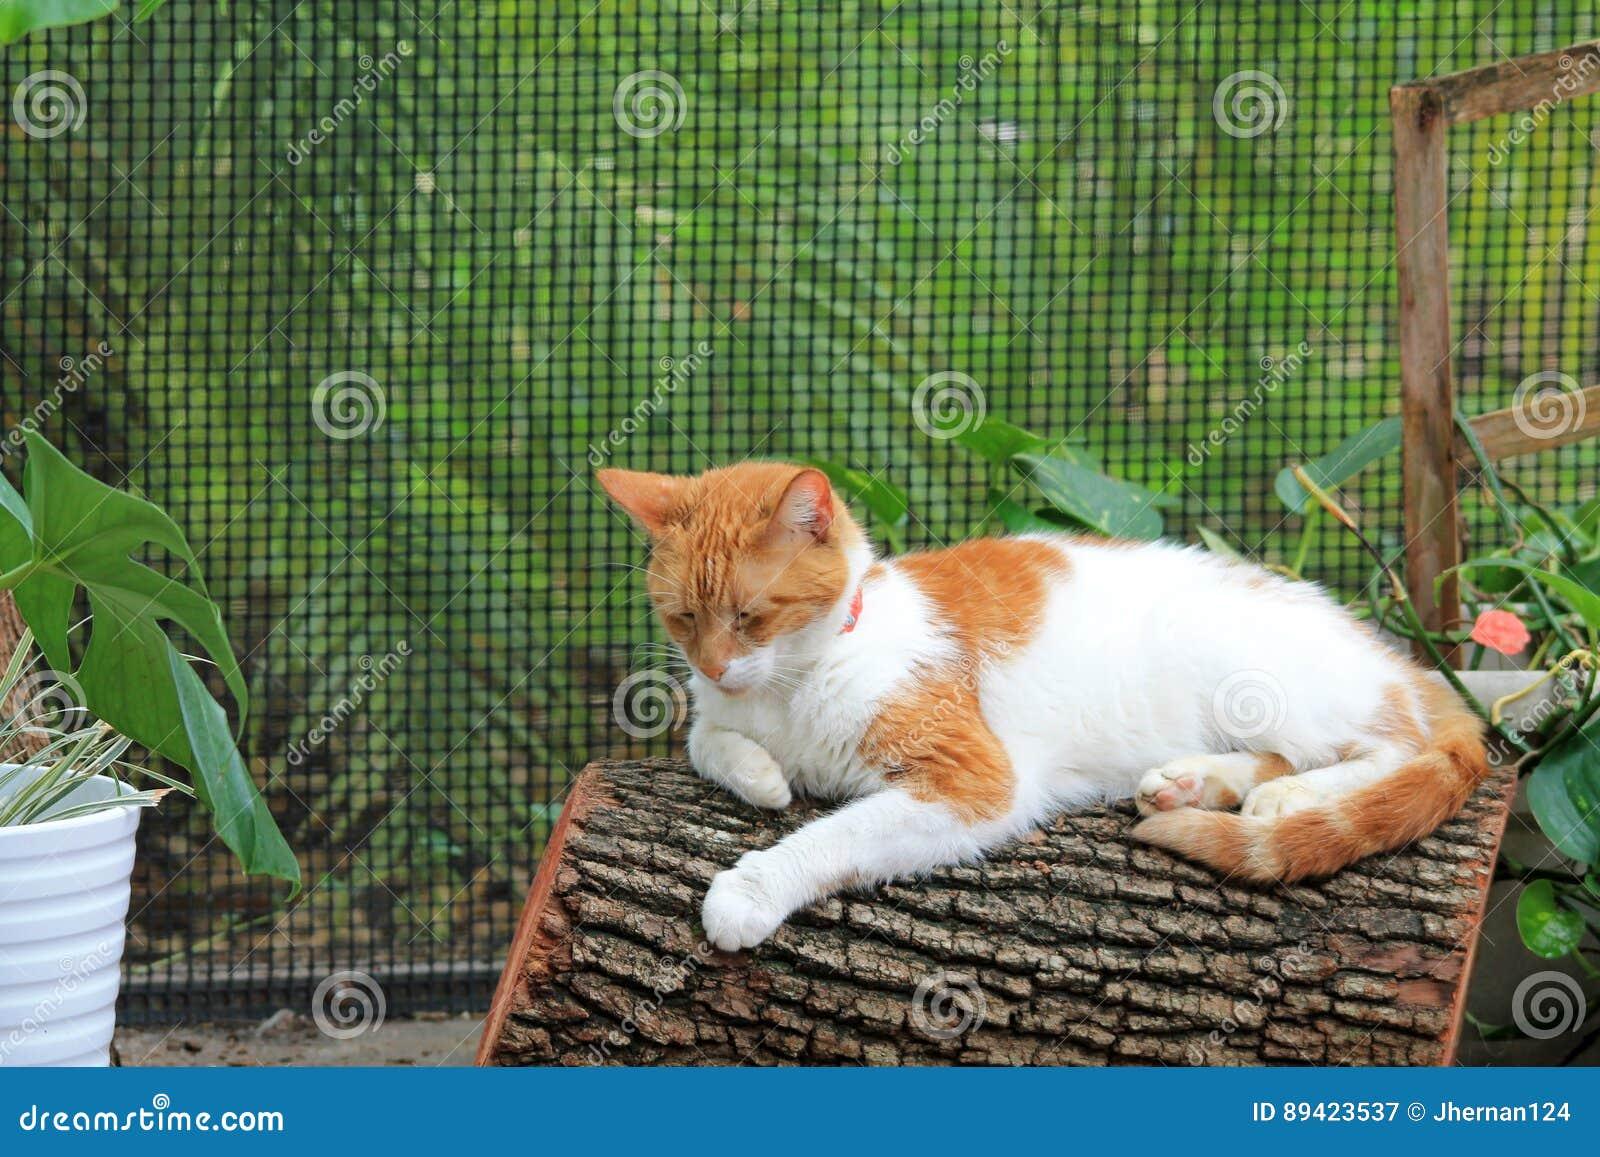 Gato de cabelos curtos doméstico alaranjado e branco no log